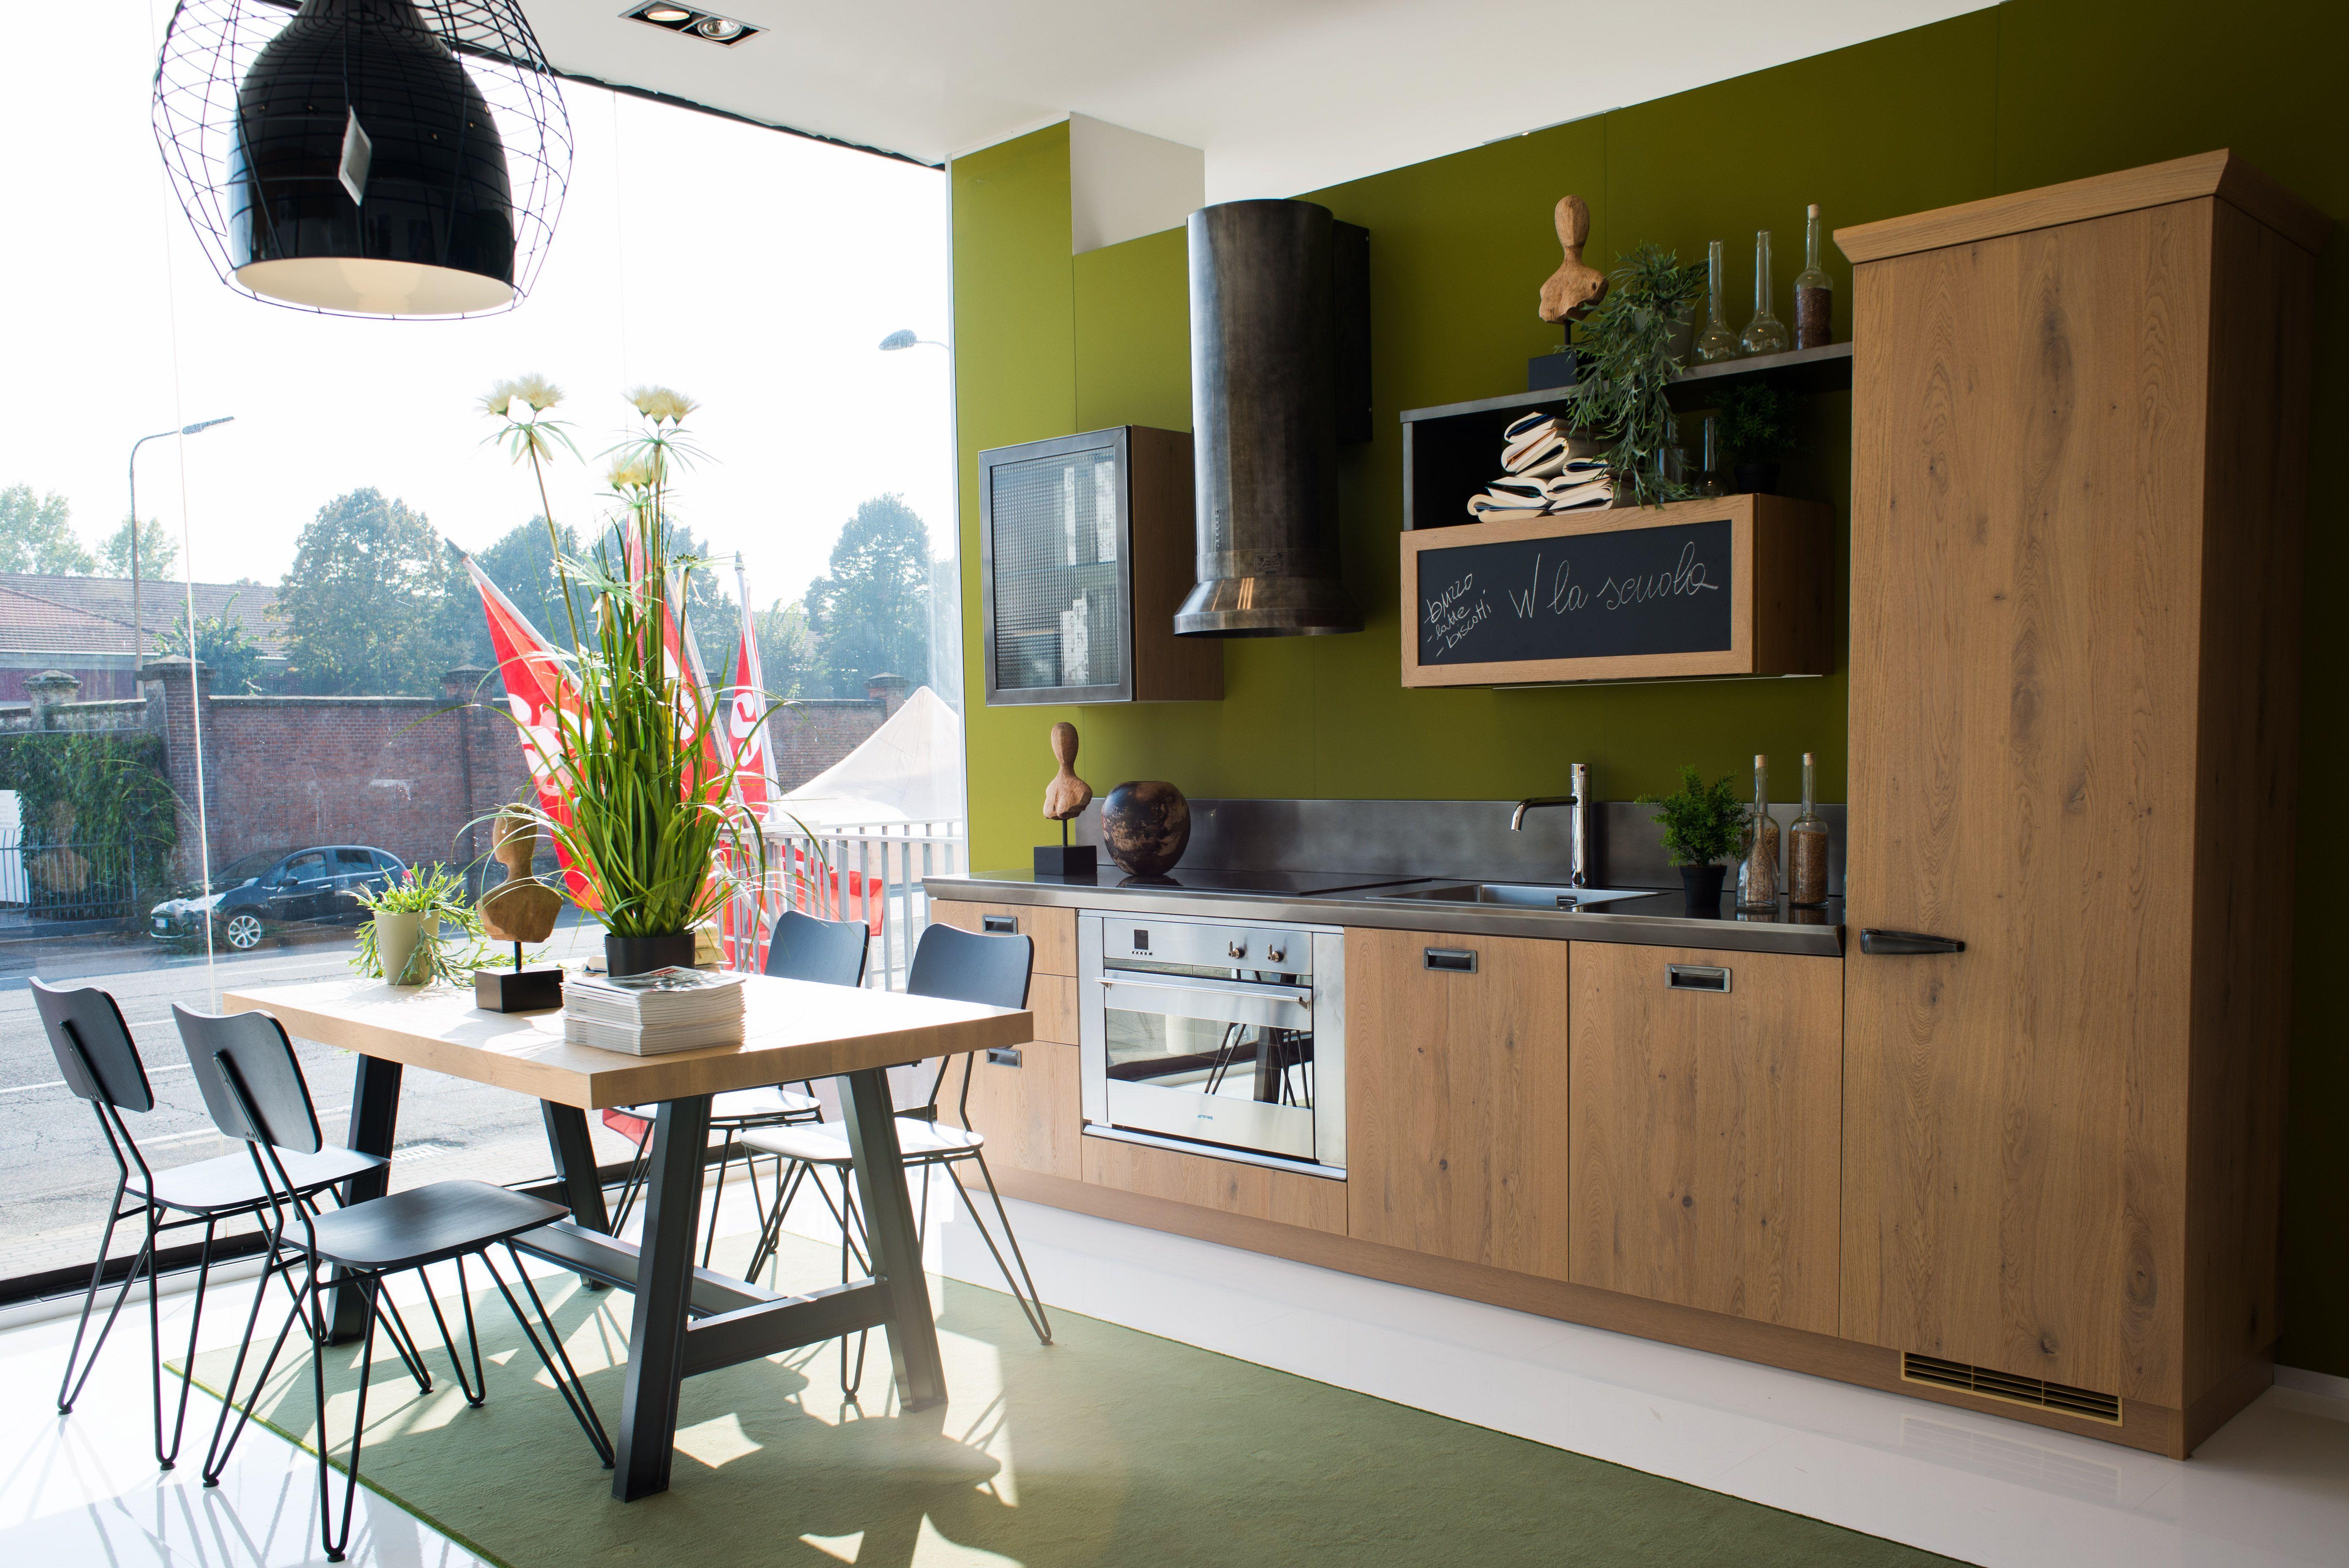 Cucina Scavolini - Diesel Social Kitchen - in esposizione nello ...